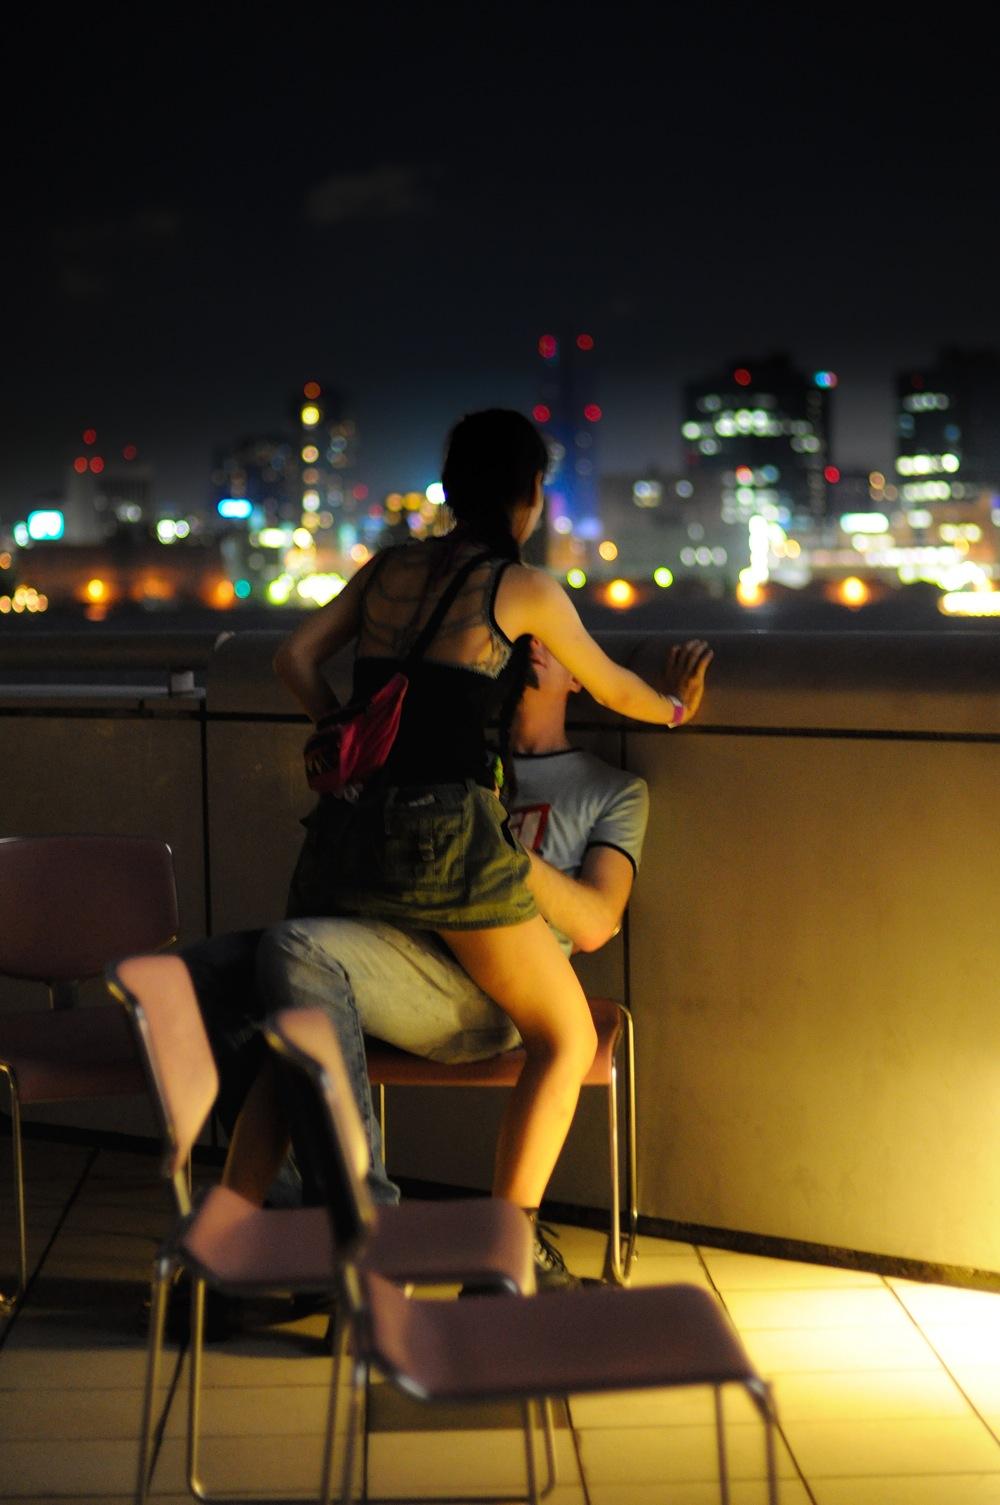 Najromantičnije mesto za vođenje ljubavi je? - Page 2 Making-love-watching-tokyo